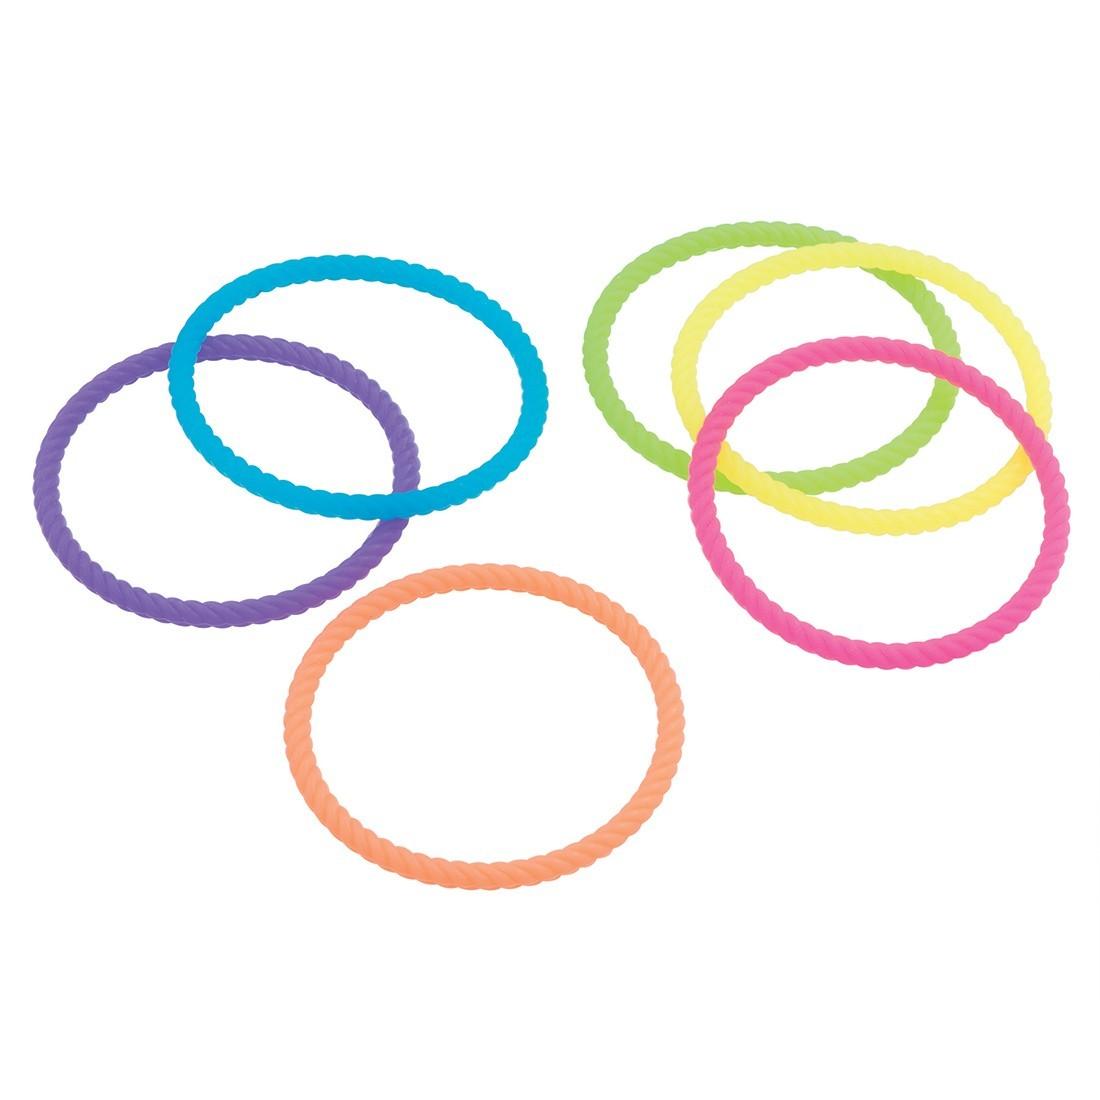 Rubber Cable Bracelets [image]